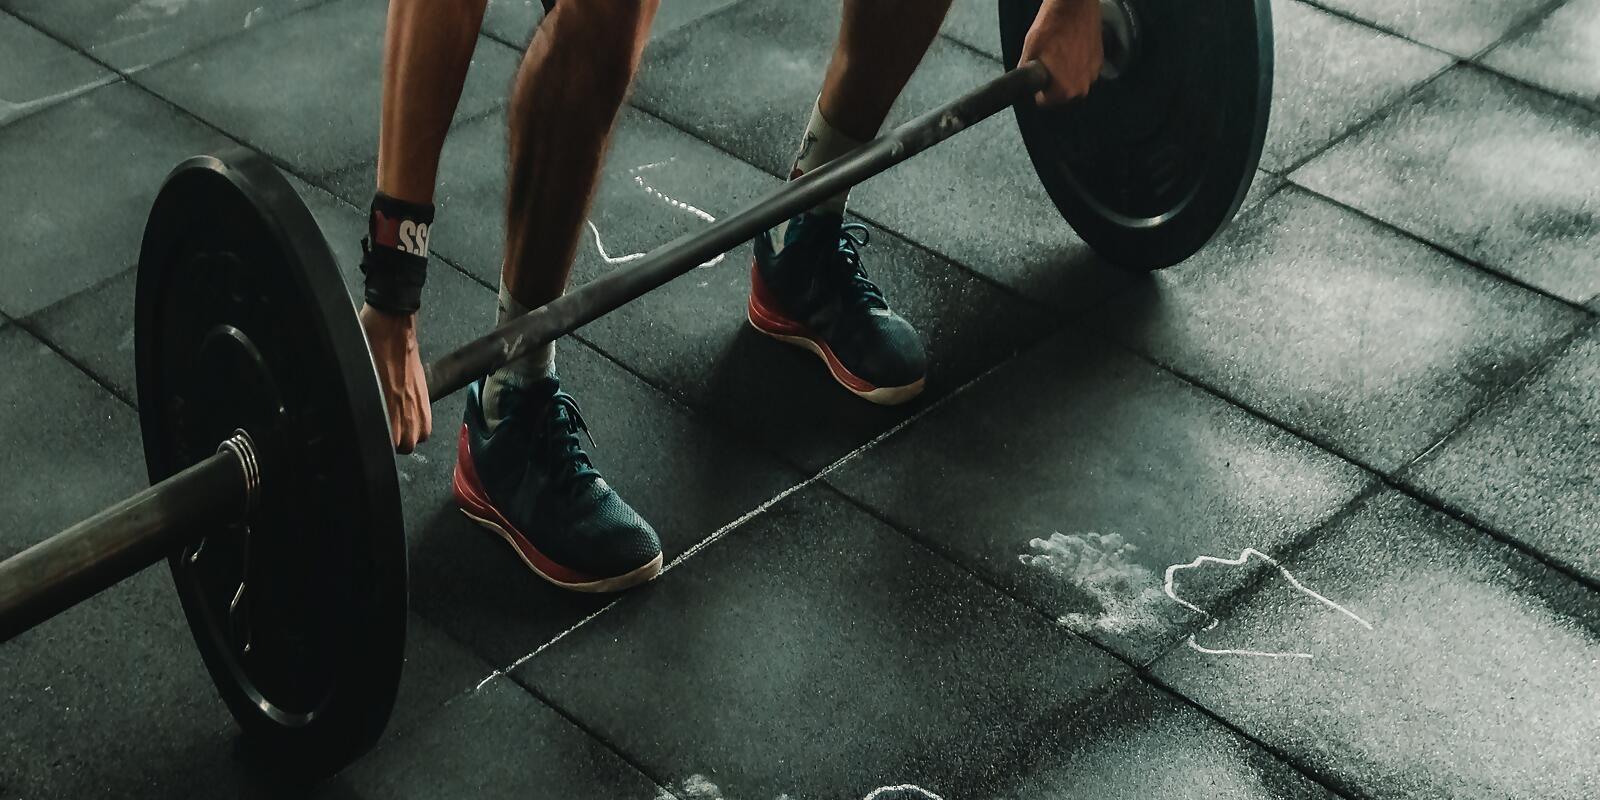 sporttutor-trainieren-muskeln-krafttraining-leistungsfaehigkeit